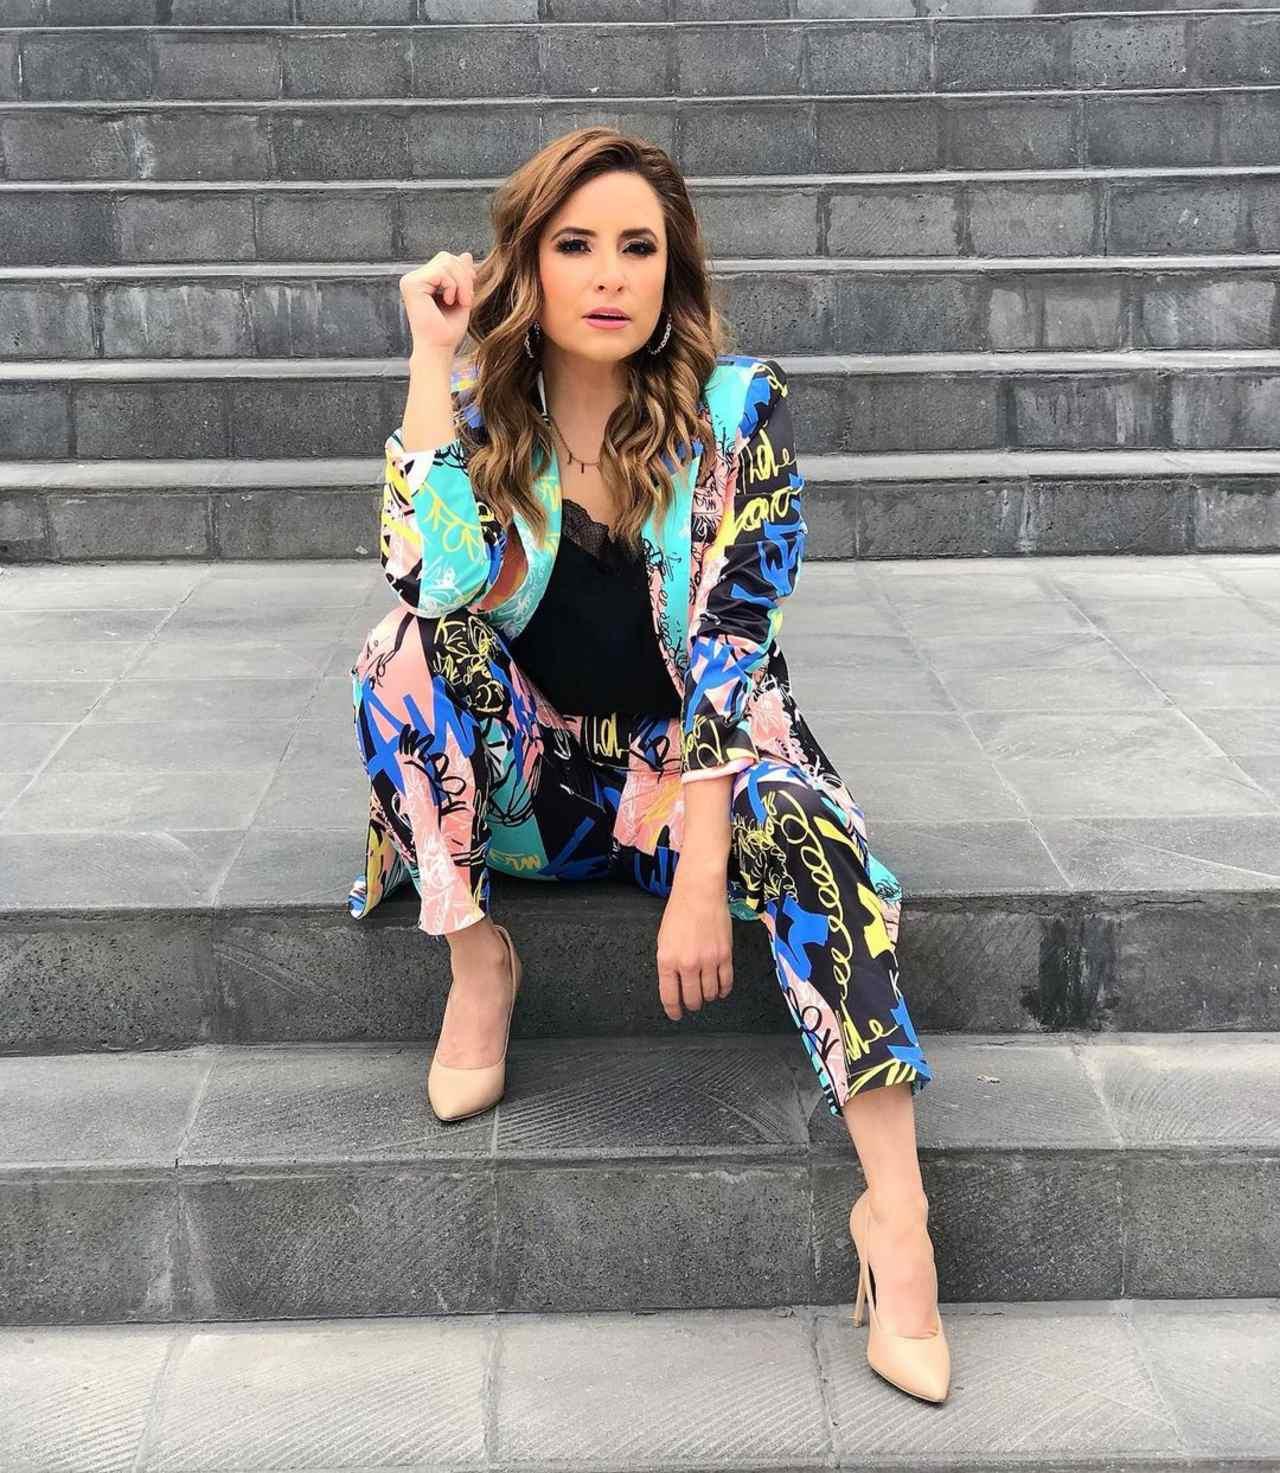 Linet Puente Camila Sodi entrevista soberbia